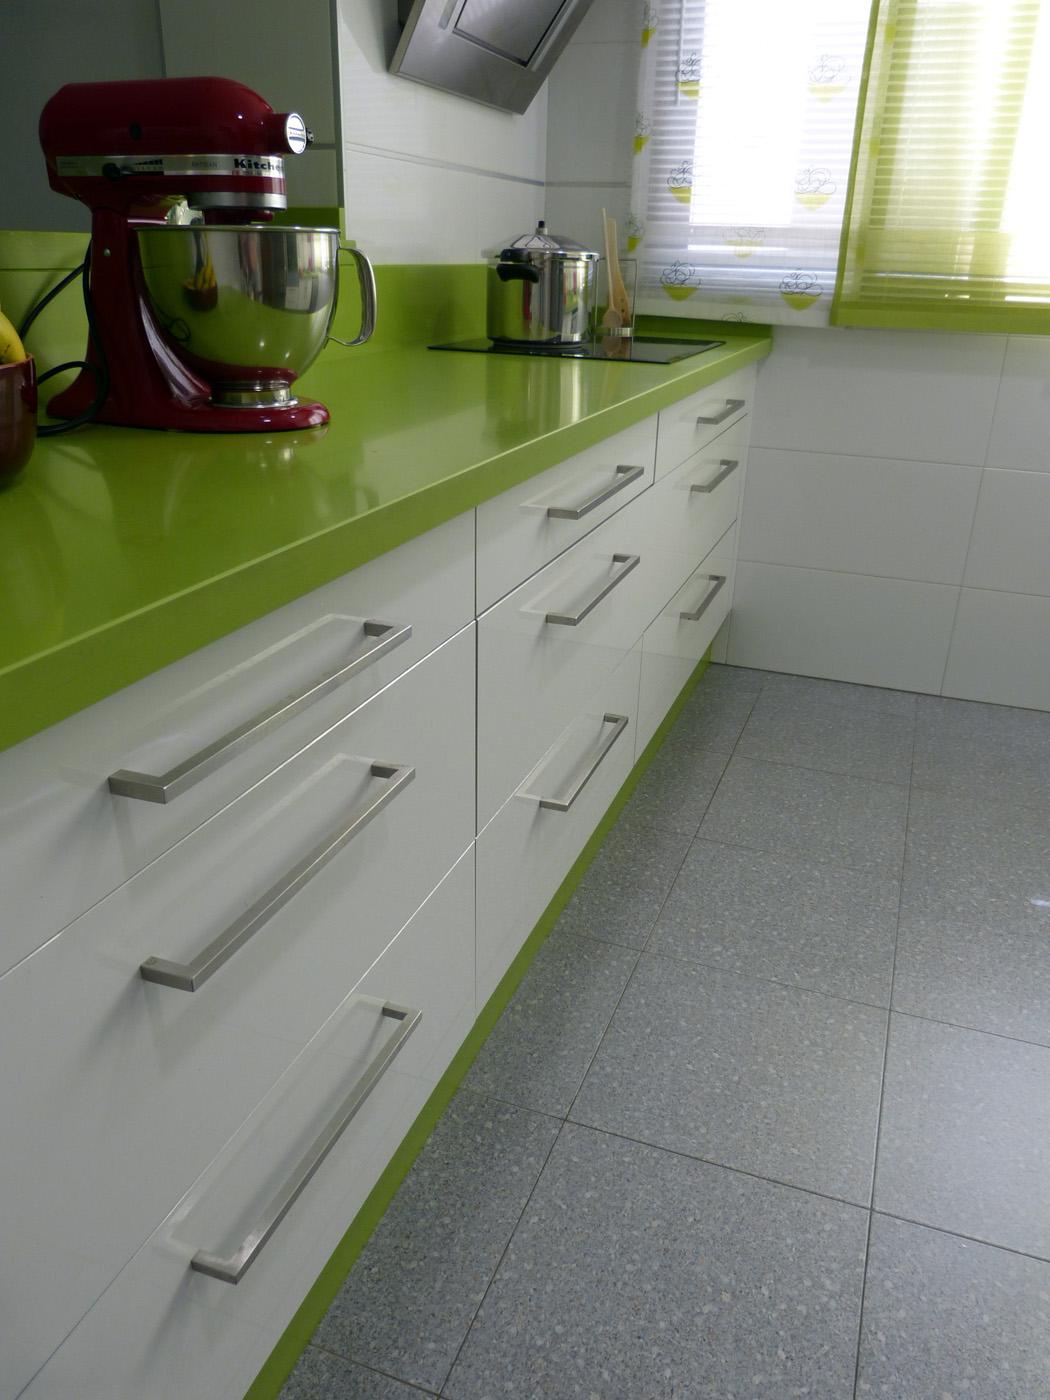 Renueva el look de tu cocina cambiando los tiradores lamiplast - Lamiplast cocinas ...